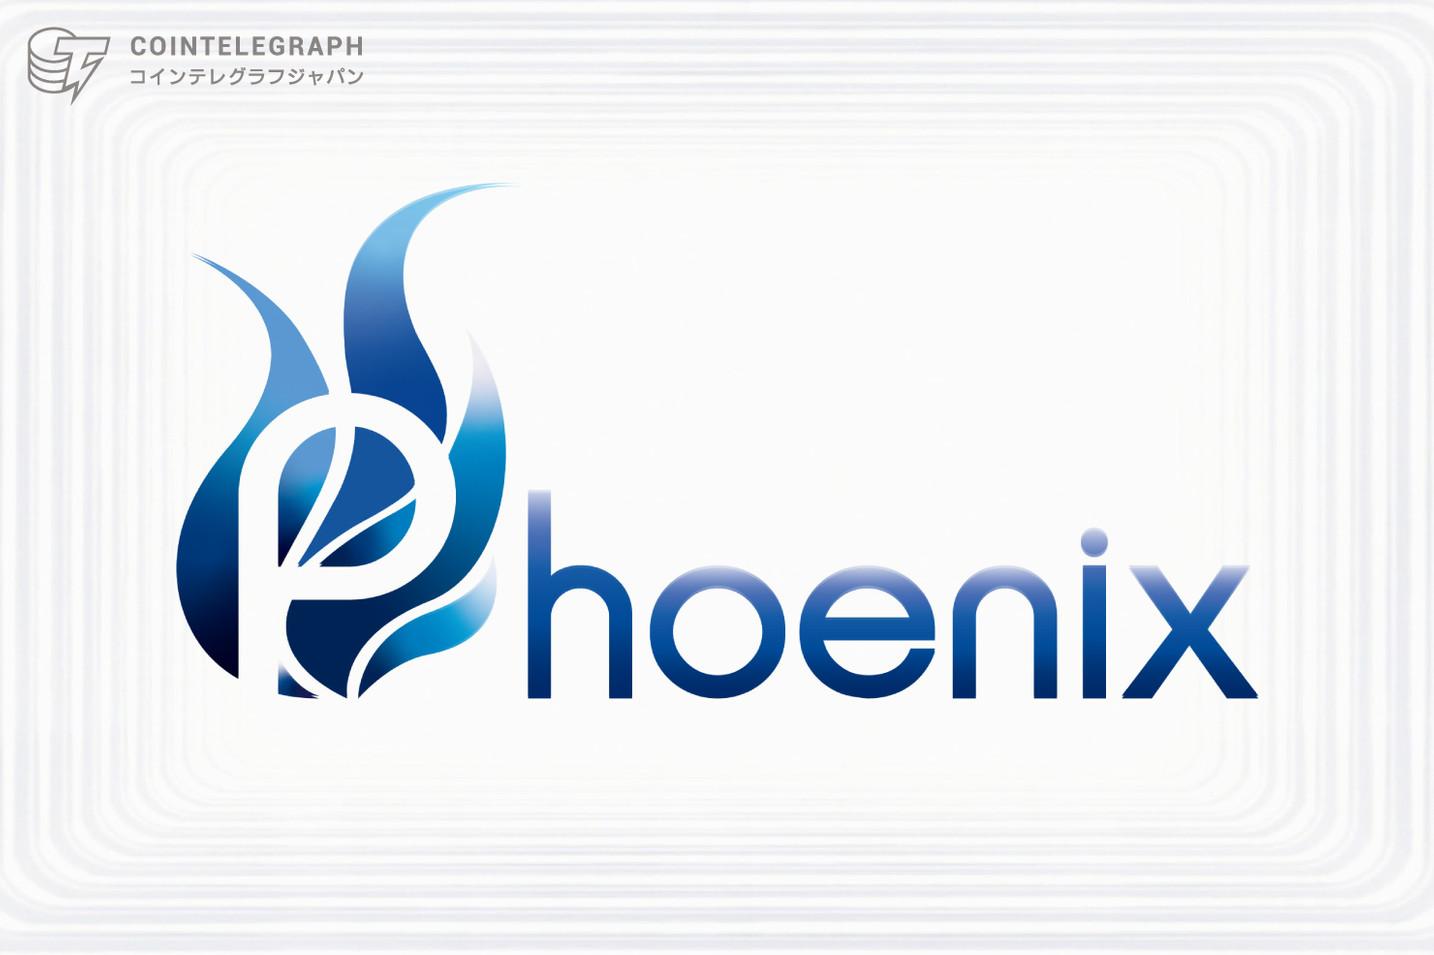 仮想通貨チャージ可能なデビットカードを条件クリアでプレゼント!フェニックスレンディング(Phoenix Lending)が3月からビットコインで年金利14%、USDTで18%スタート